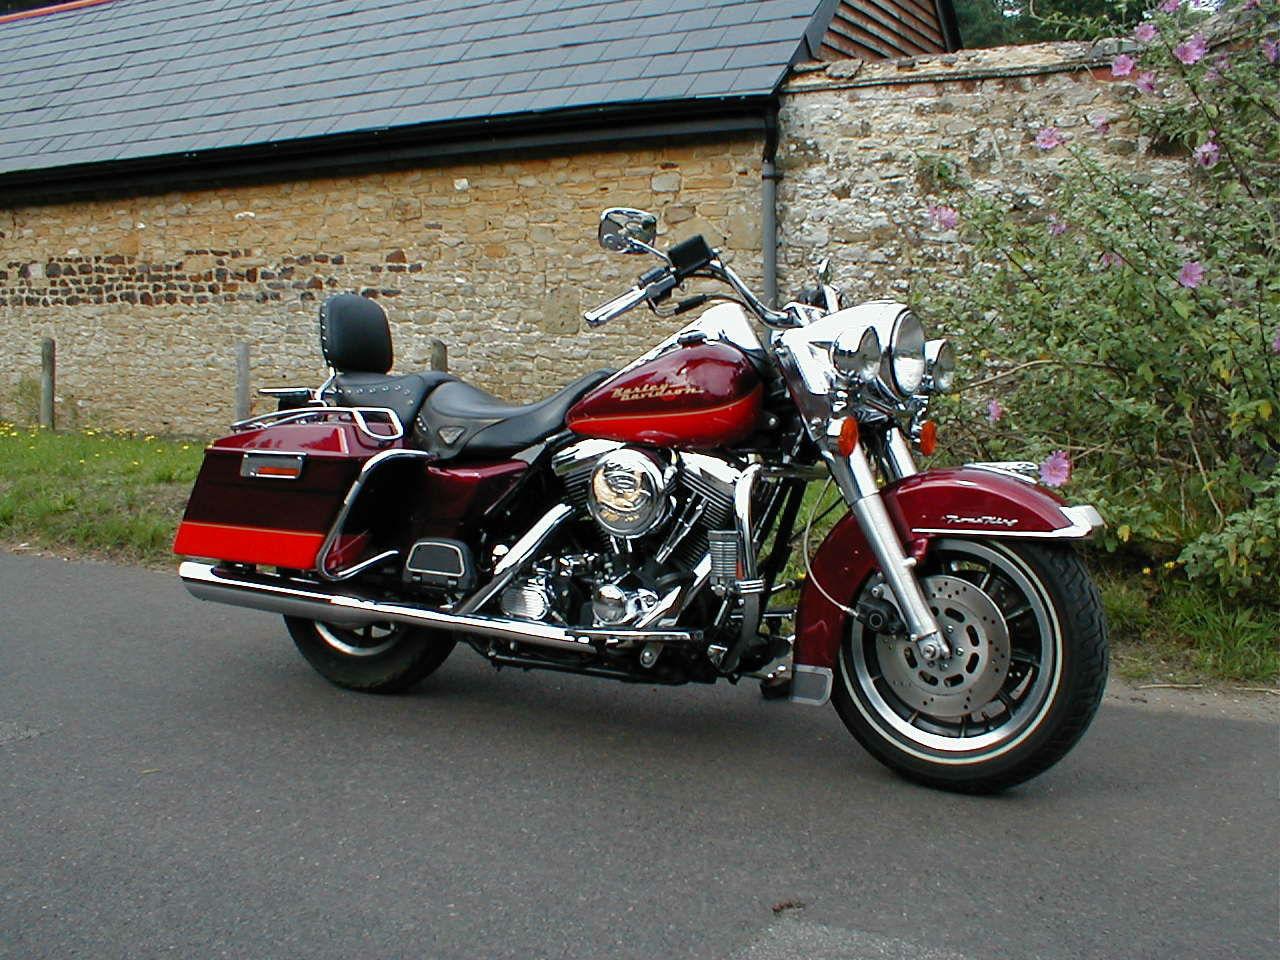 1995 Harley Davidson Touring Flhr 1340 Road King